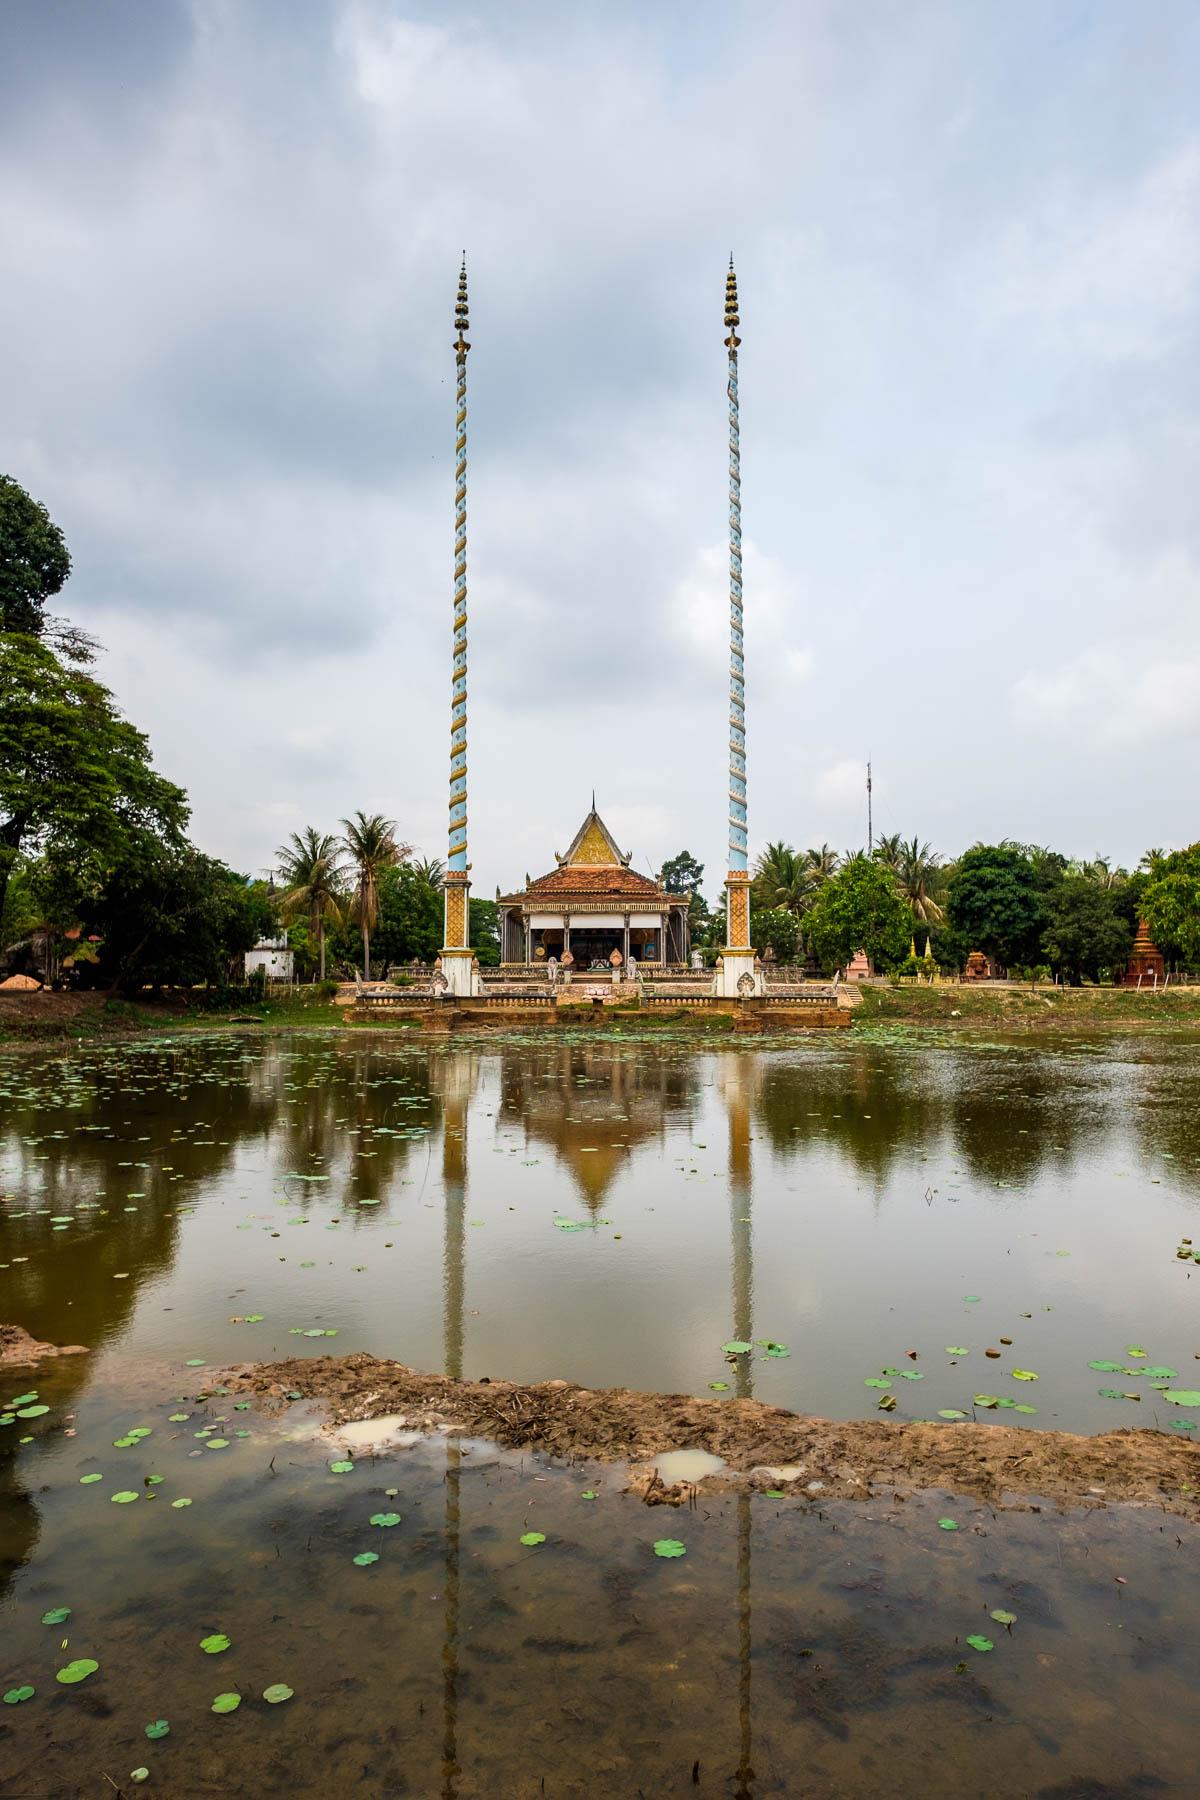 Long Pole at Monastery Cambodia